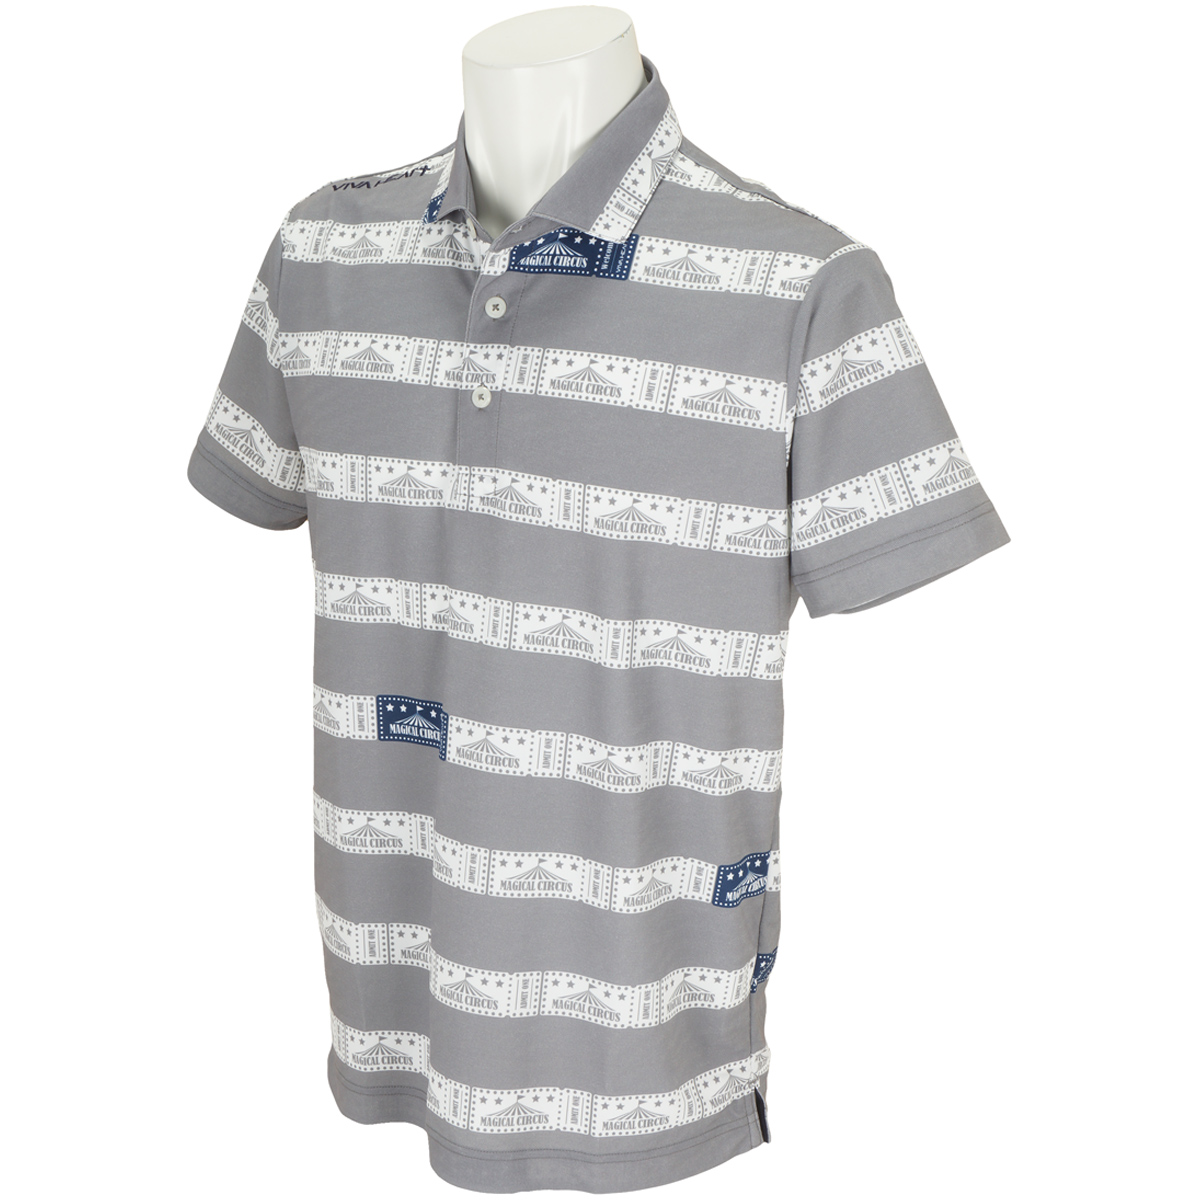 チケットボーダー鹿の子 半袖ポロシャツ